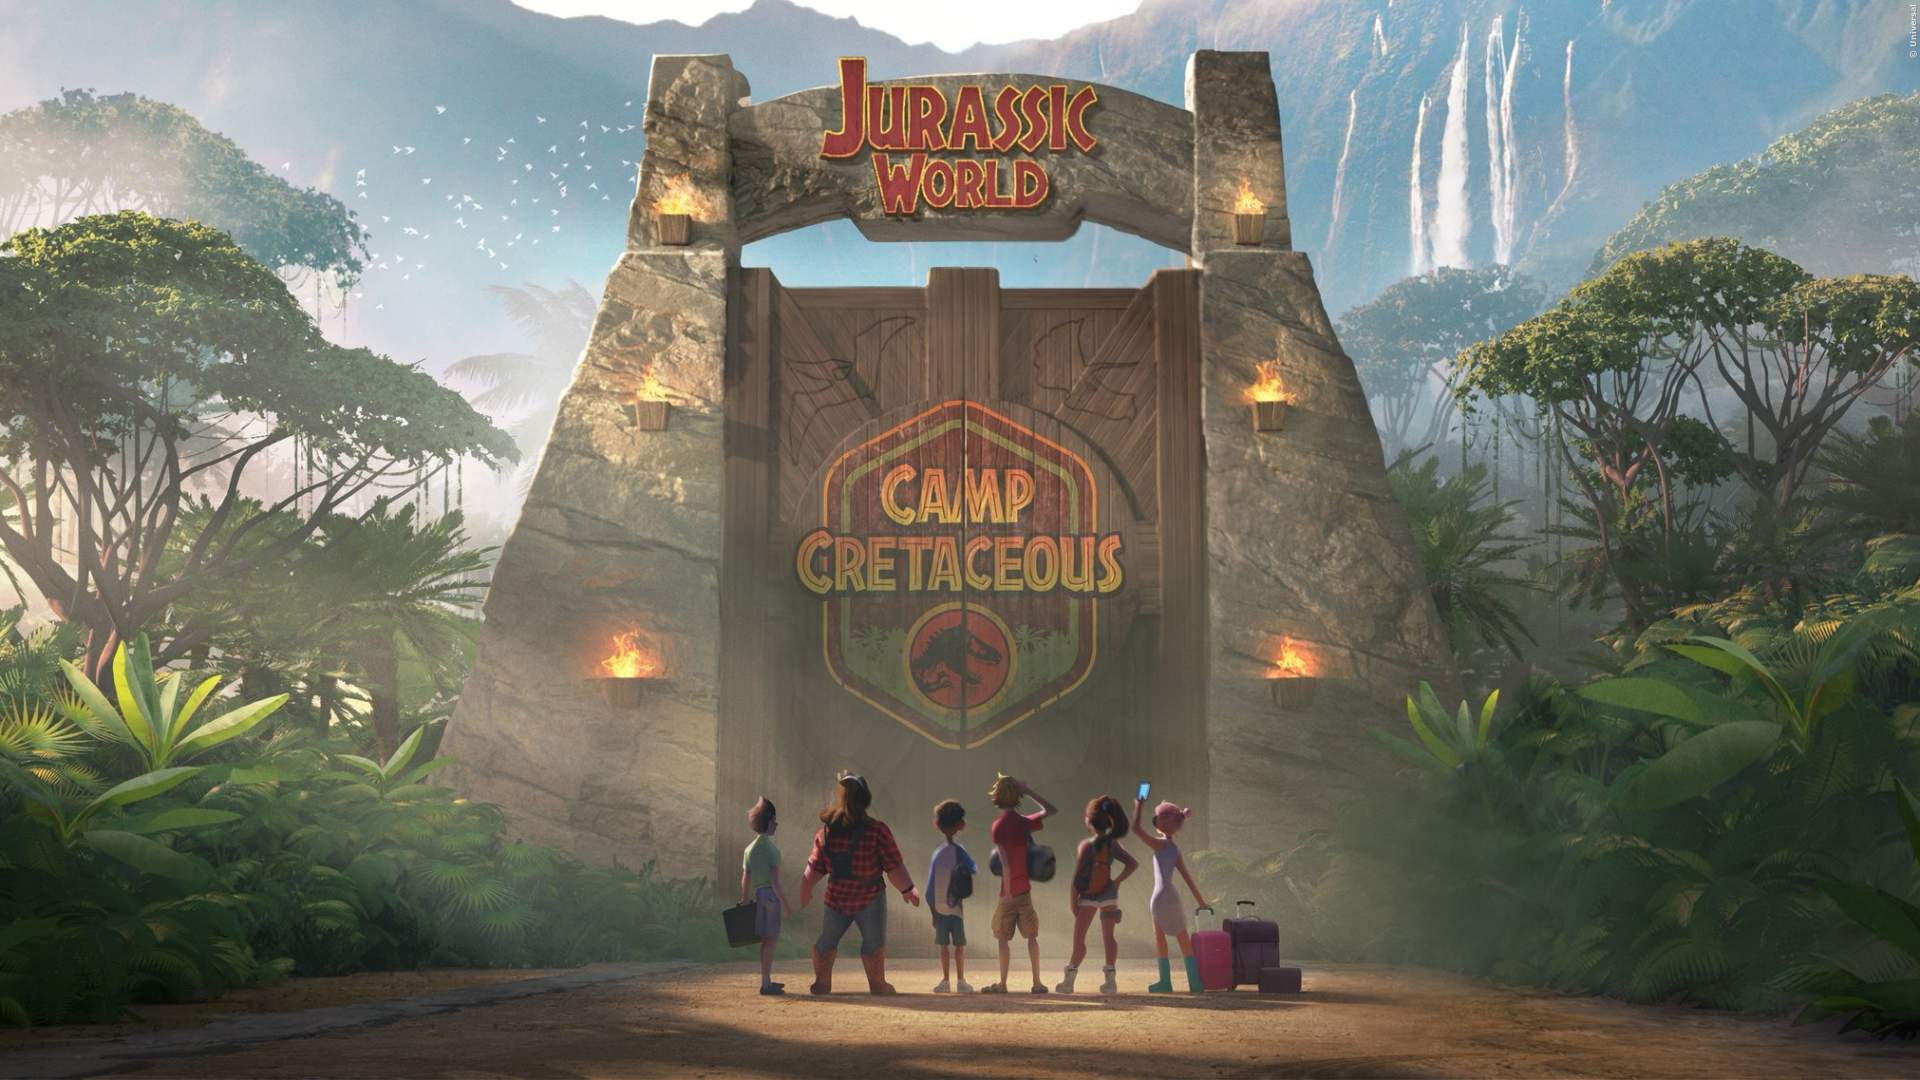 Jurassic World-Serie: Erster Teaser-Trailer zur Netflix-Serie - Bild 1 von 1